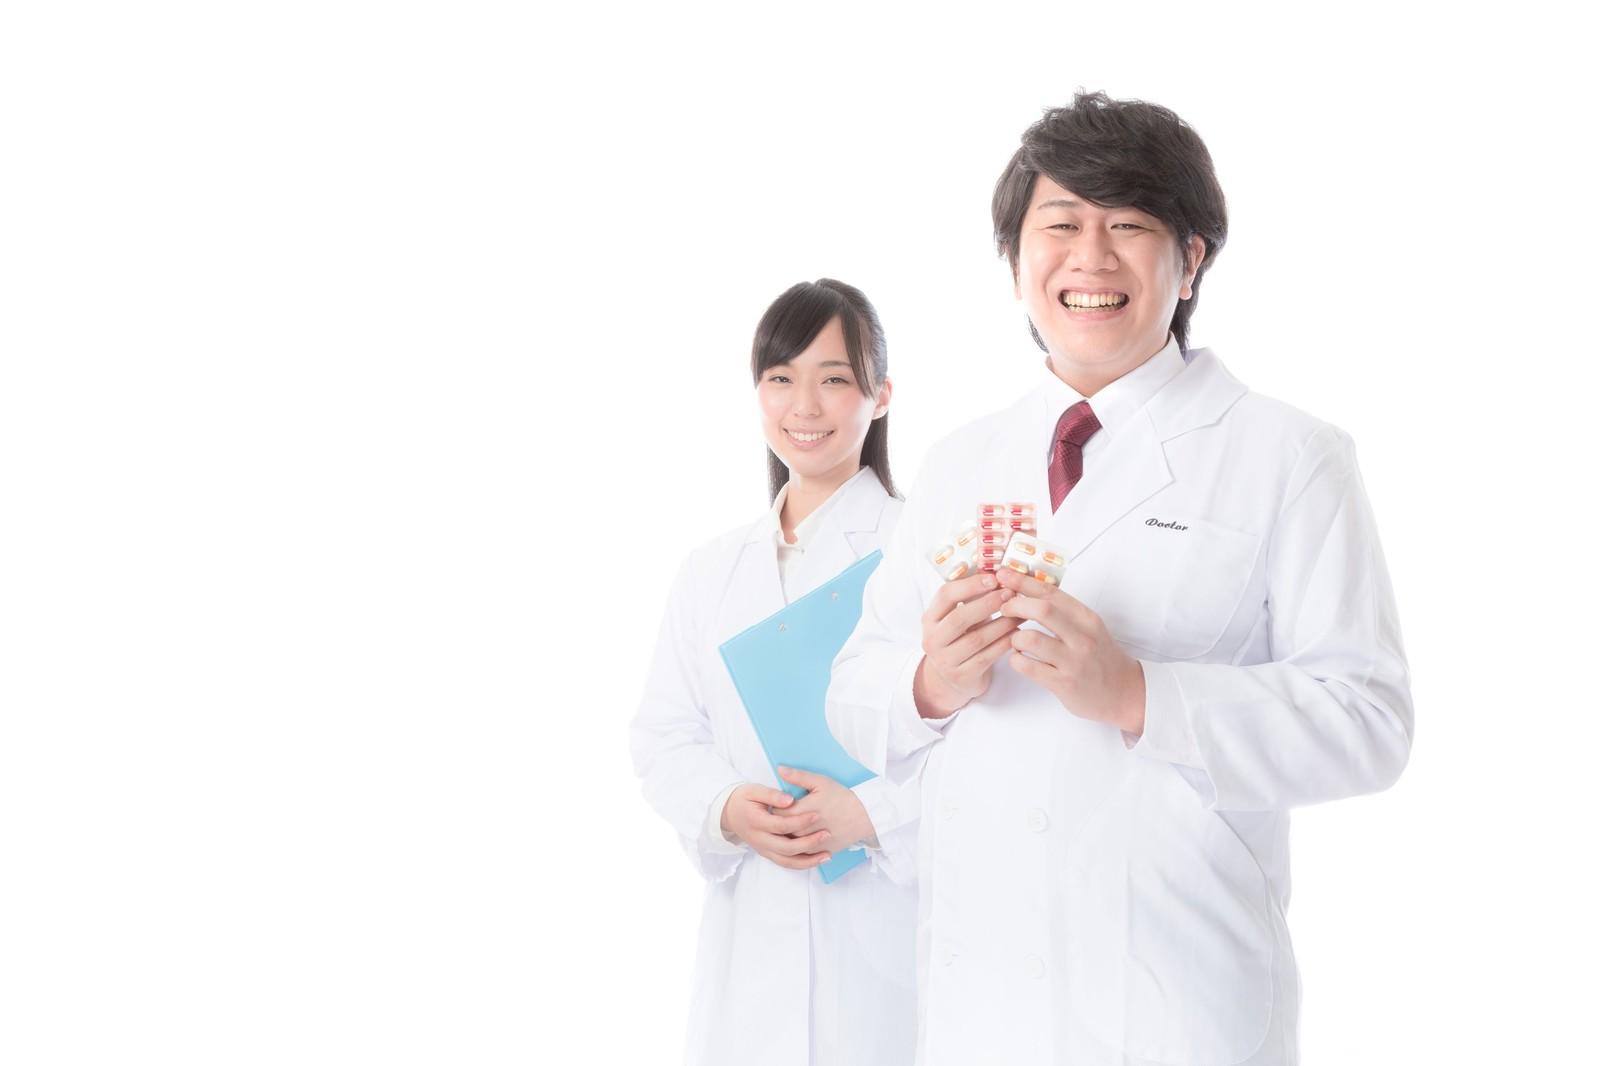 東京でもED治療に使う「バイアグラ」を比較|他の薬剤との違い